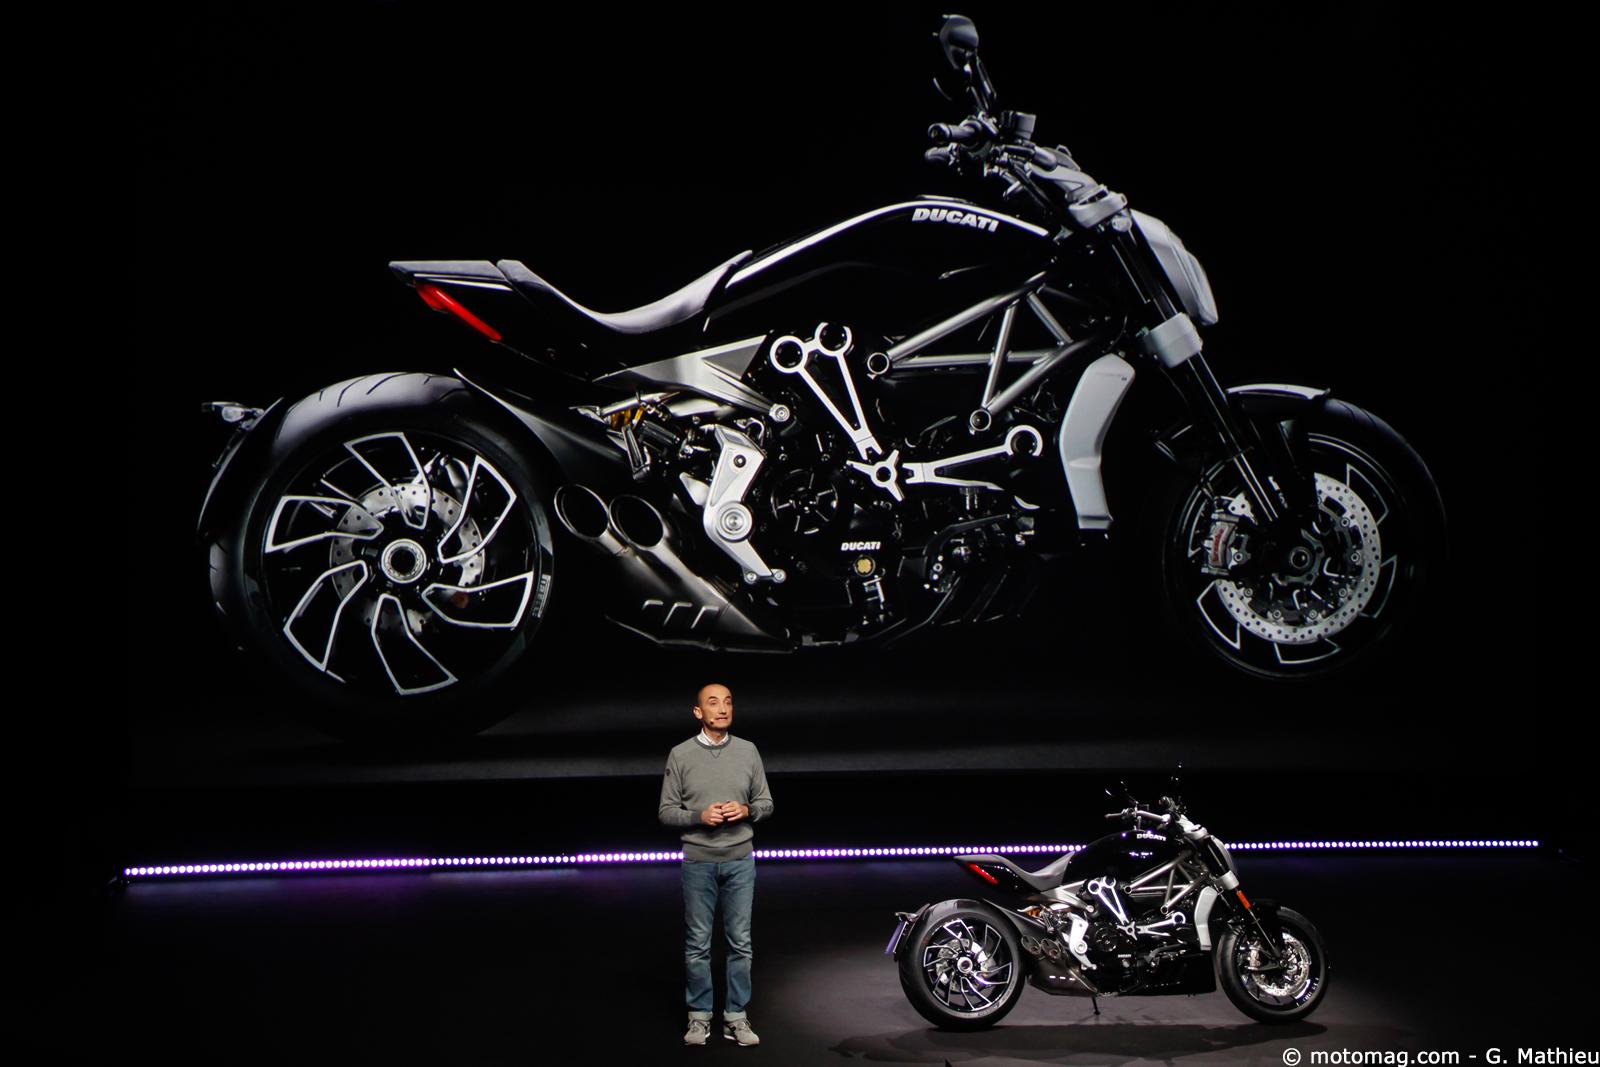 nouveaut moto 2016 ducati xdiavel moto magazine leader de l actualit de la moto et du motard. Black Bedroom Furniture Sets. Home Design Ideas